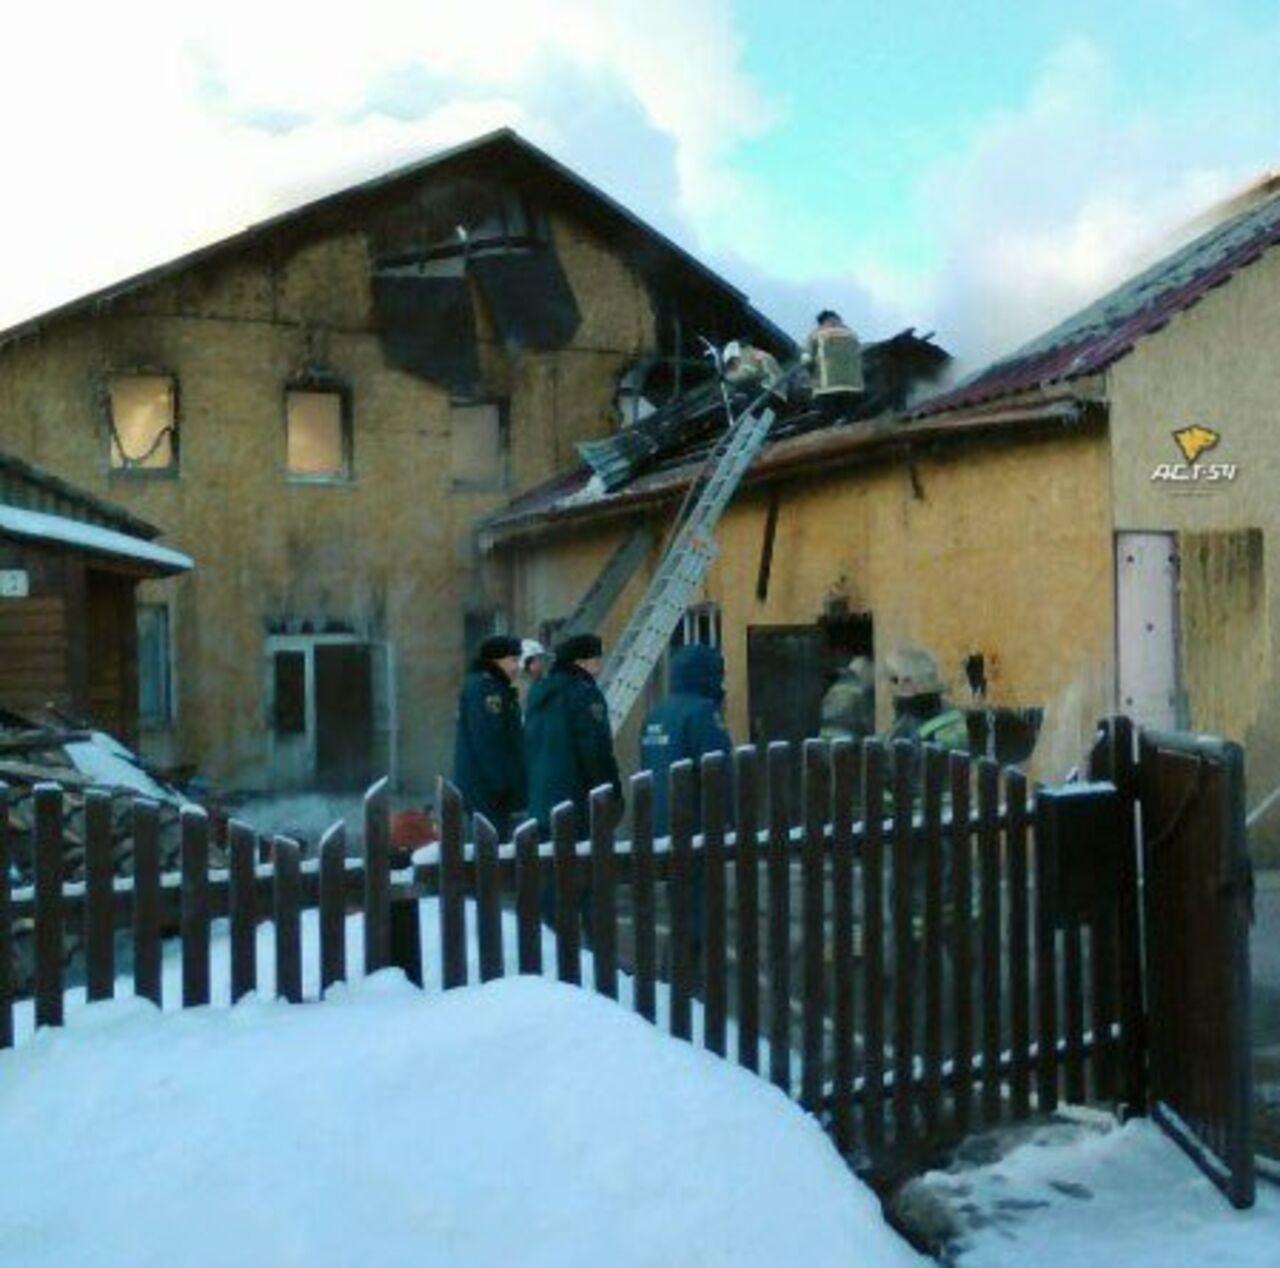 ВНовосибирской области сгорел дом, где молились баптисты